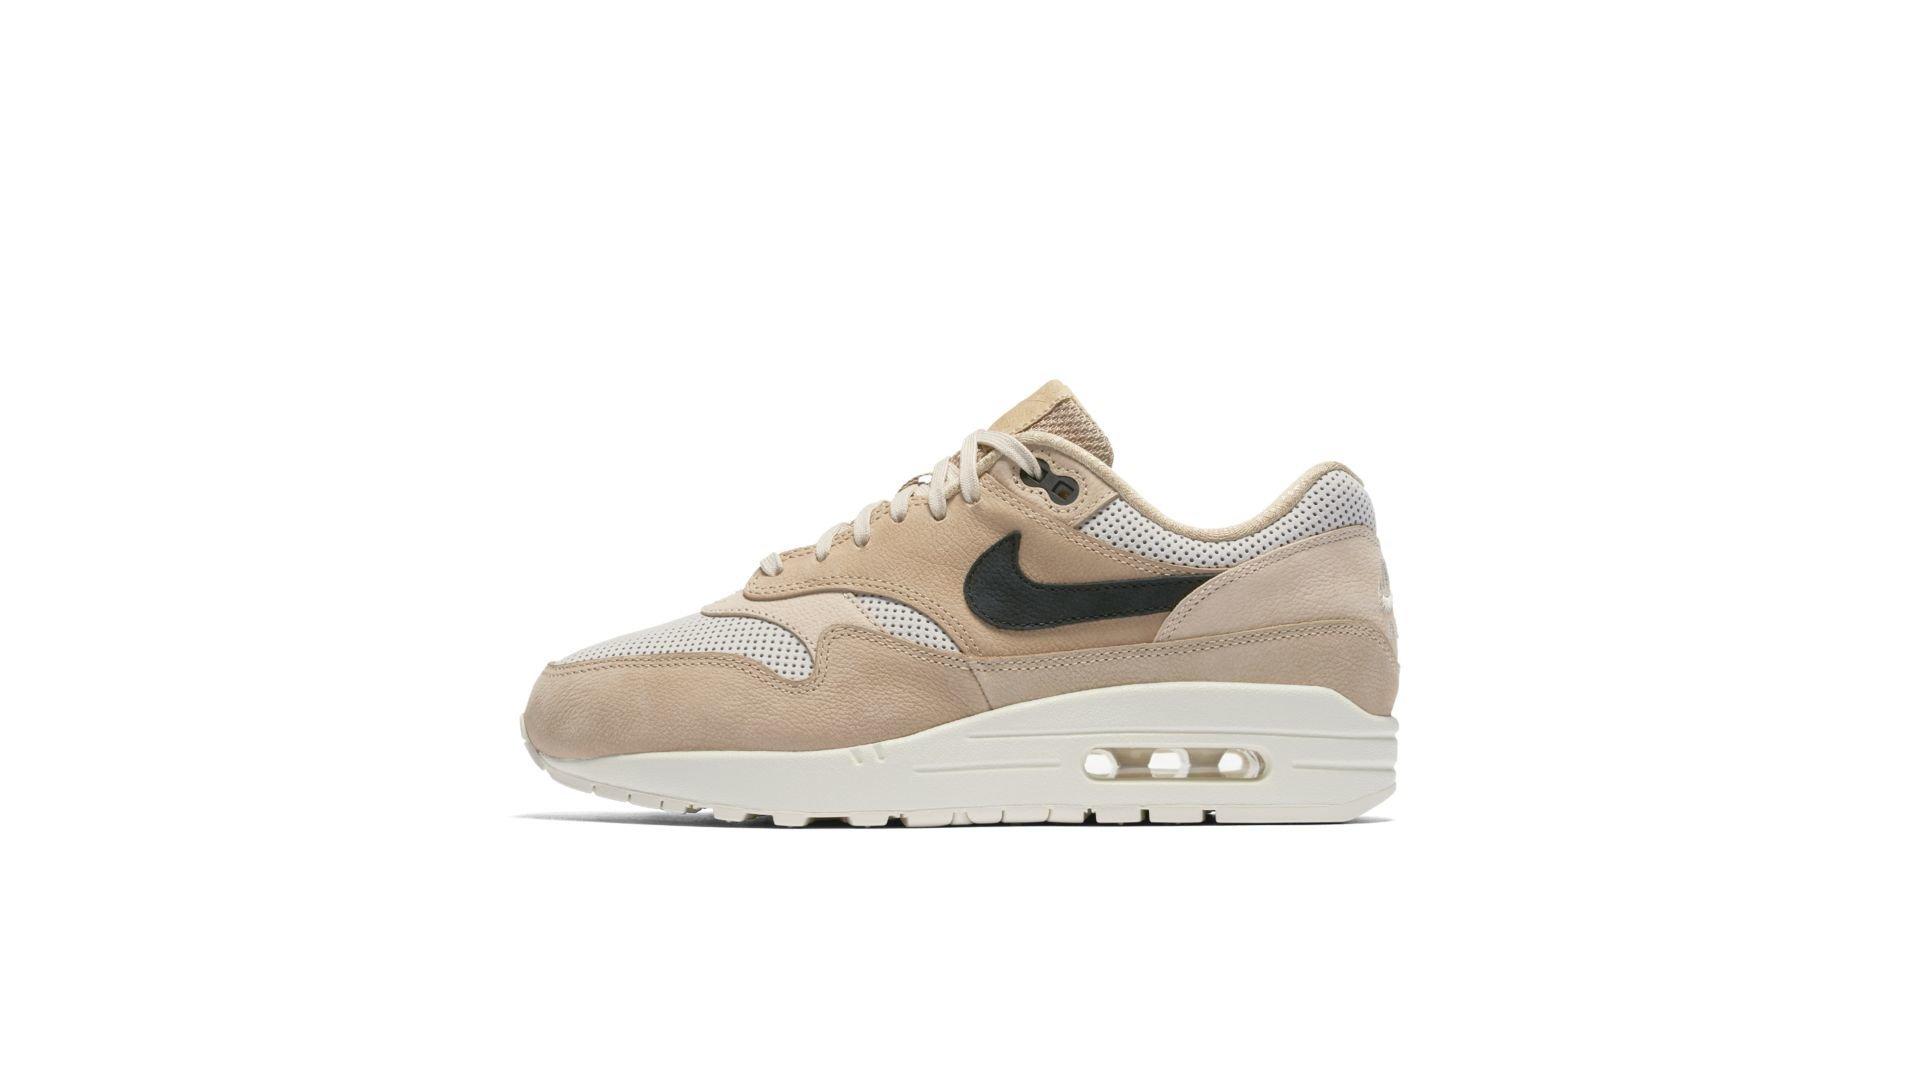 Nike Air Max 1 839608-201